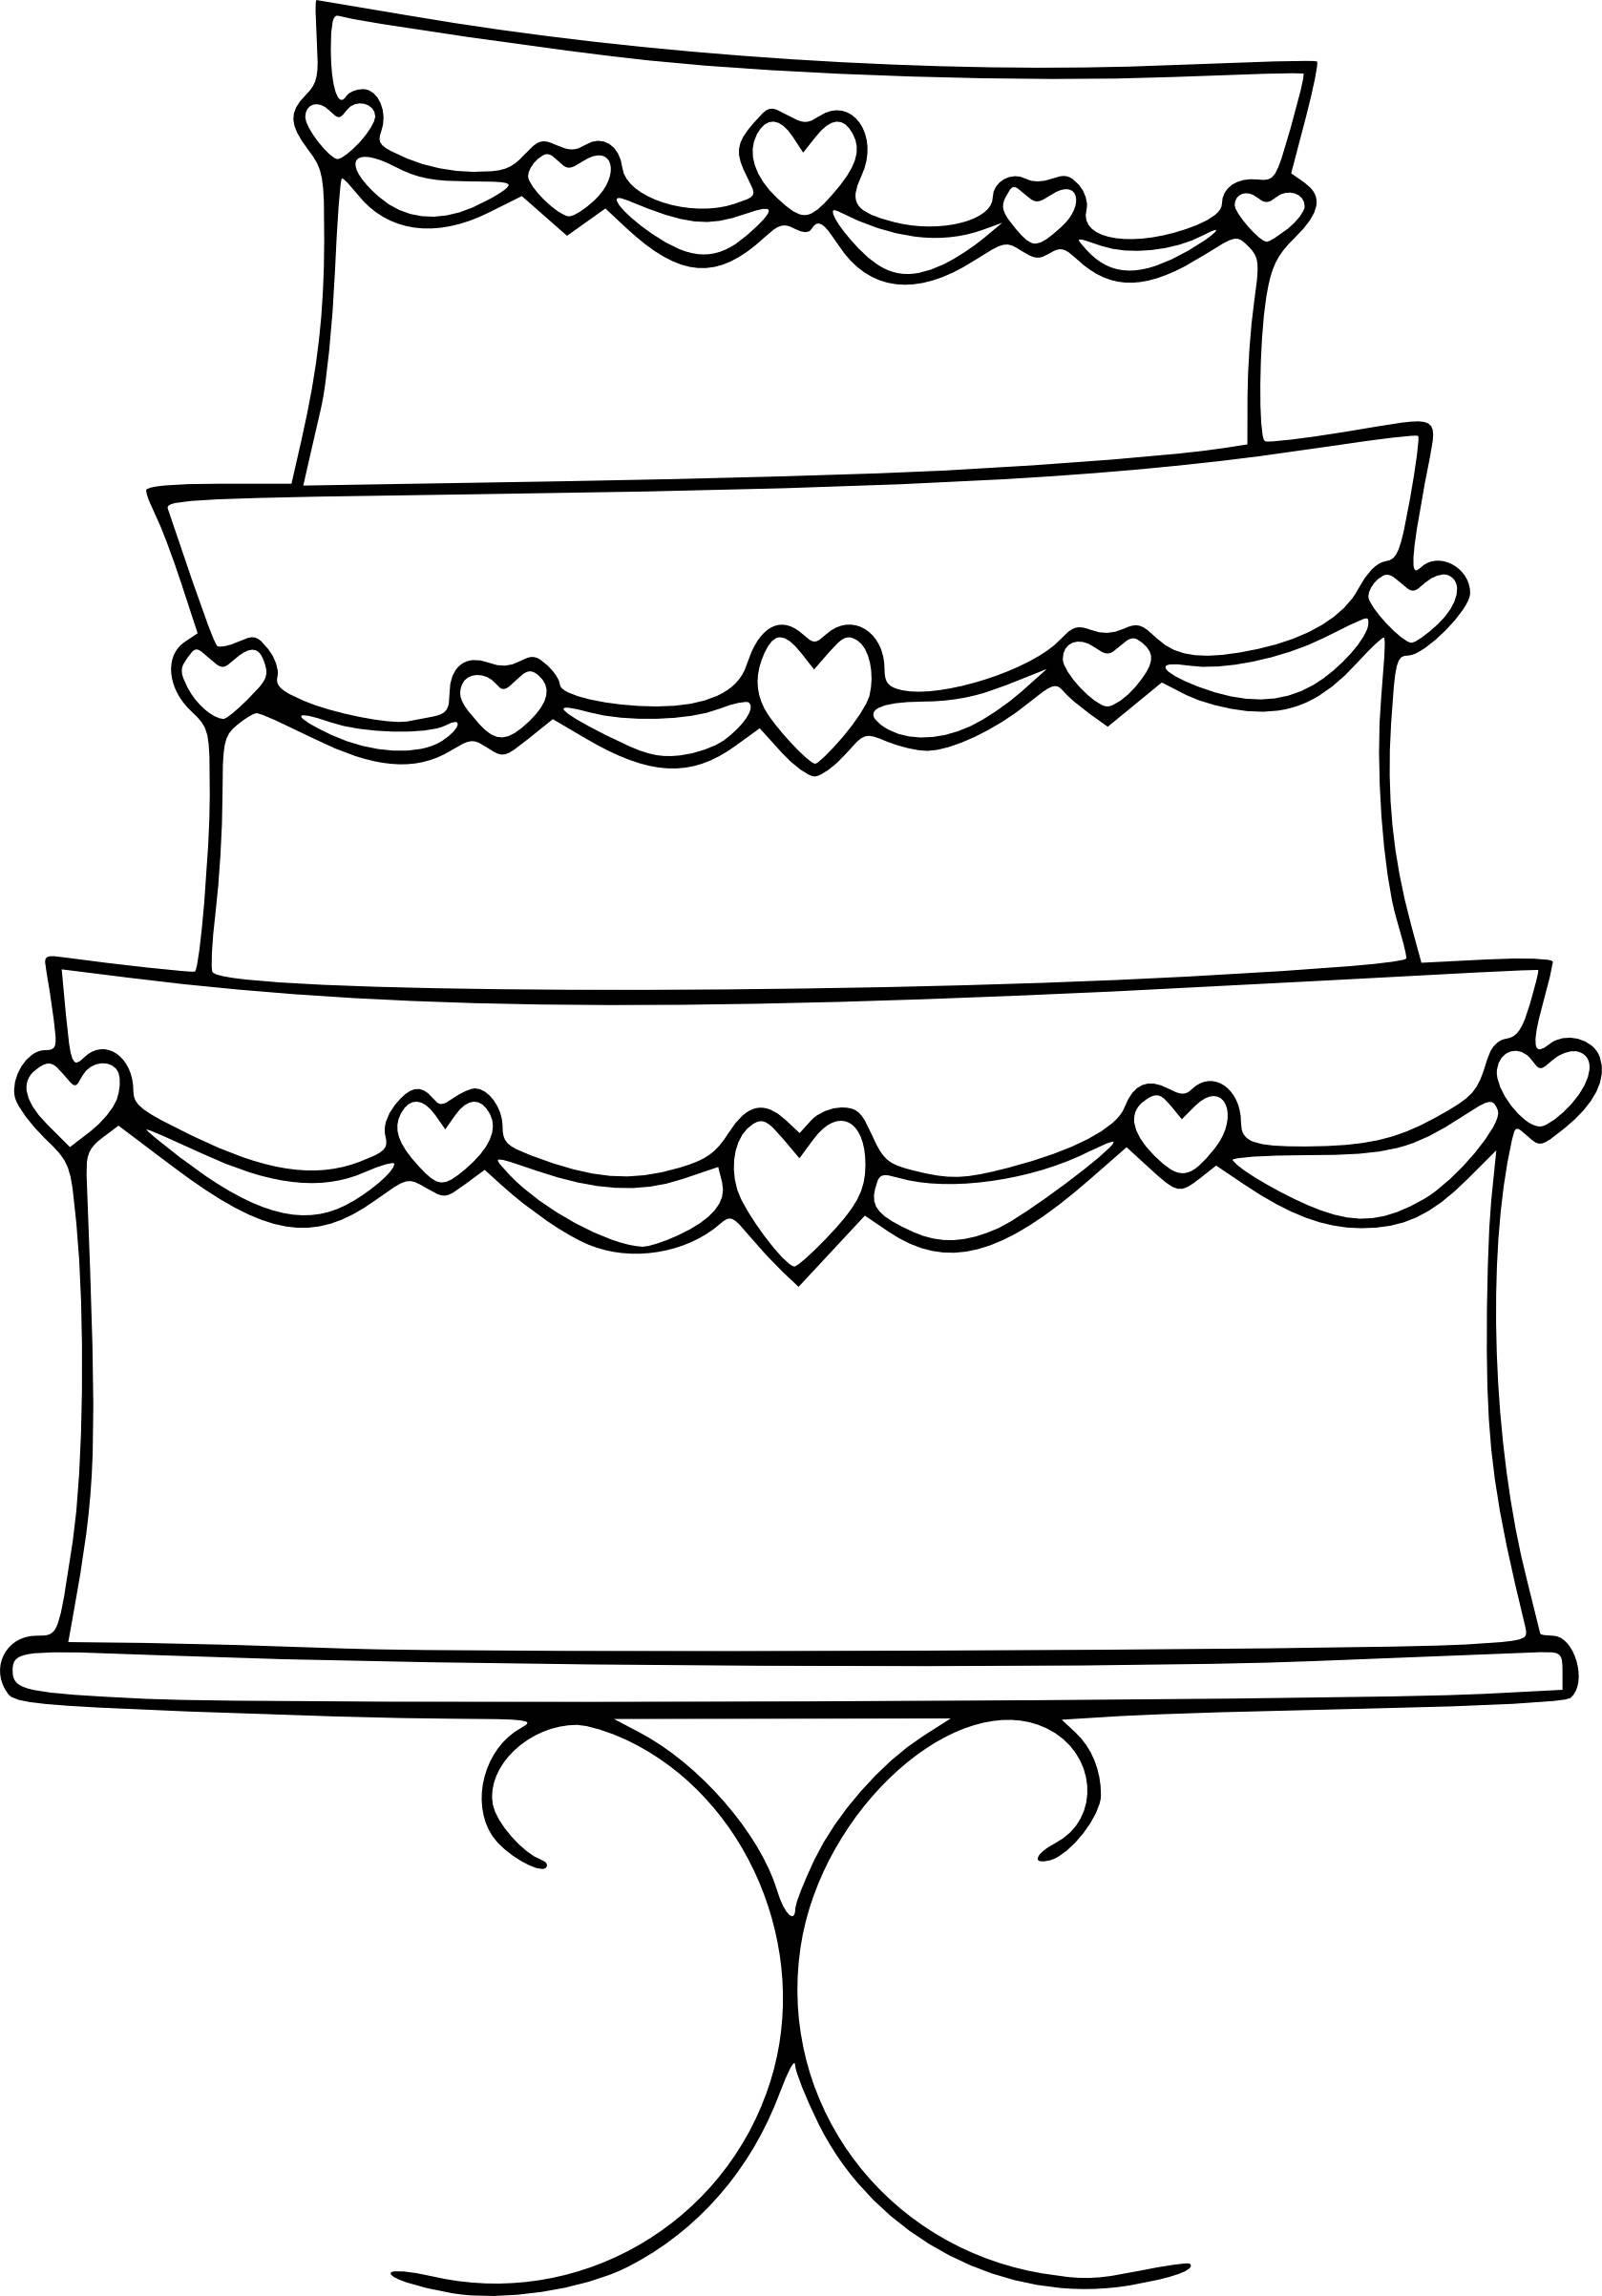 Wedding Cake clipart outline Printable printable Free #18 Wedding